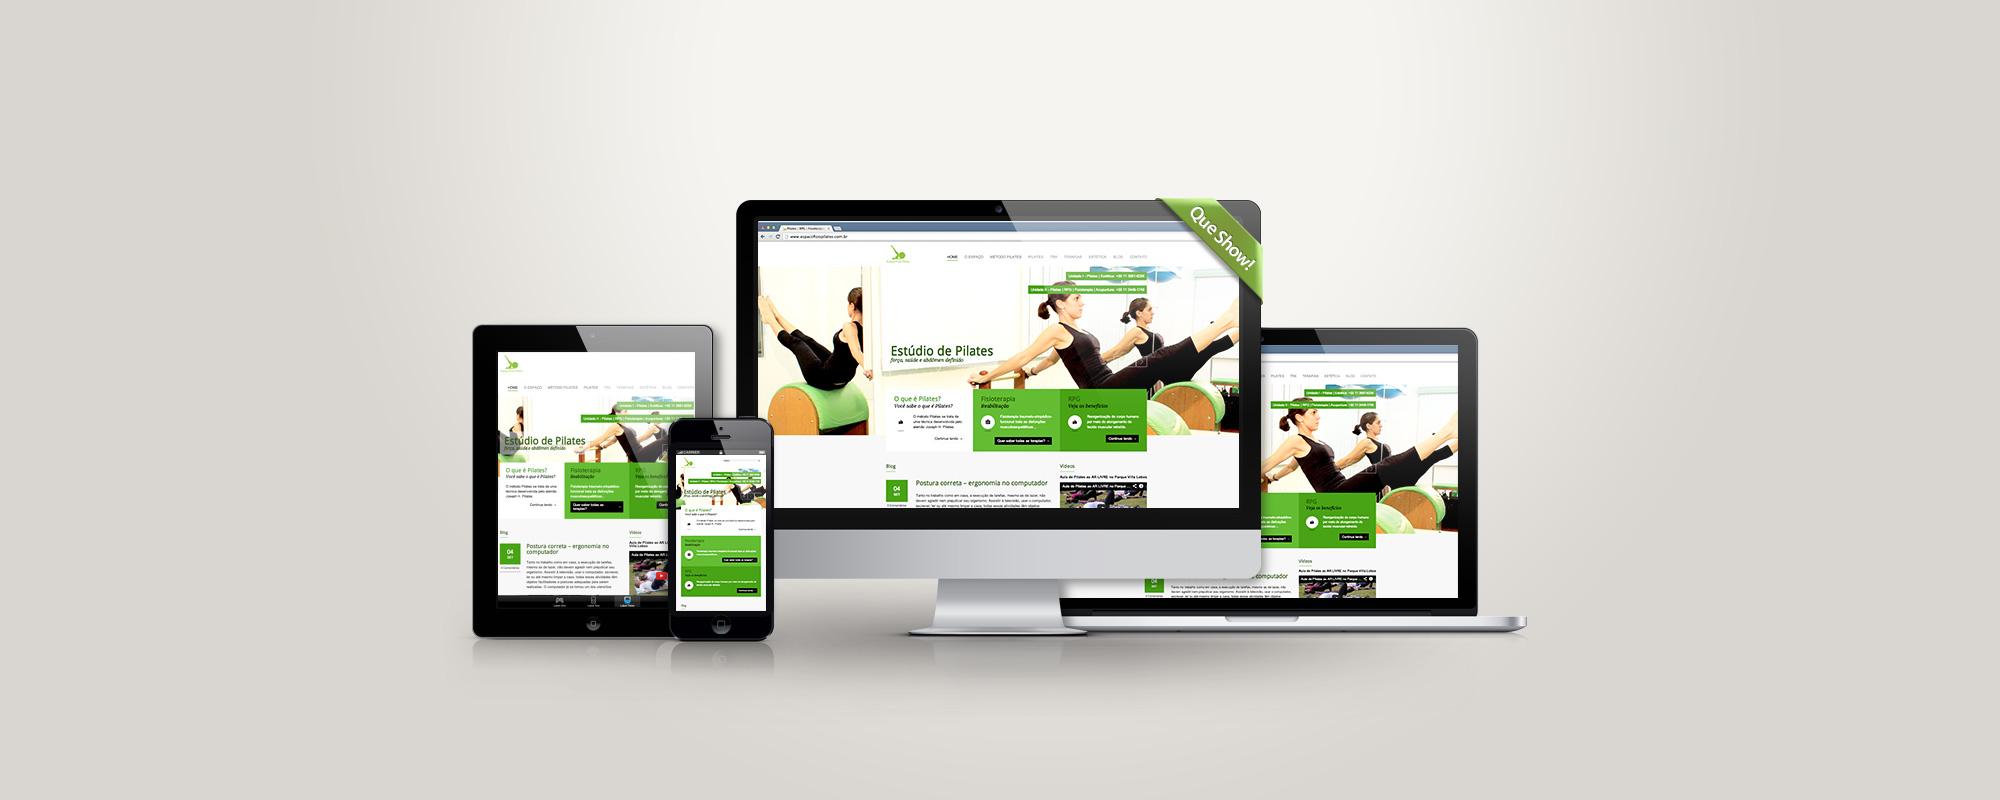 site-responsivo-ikoeh-slide